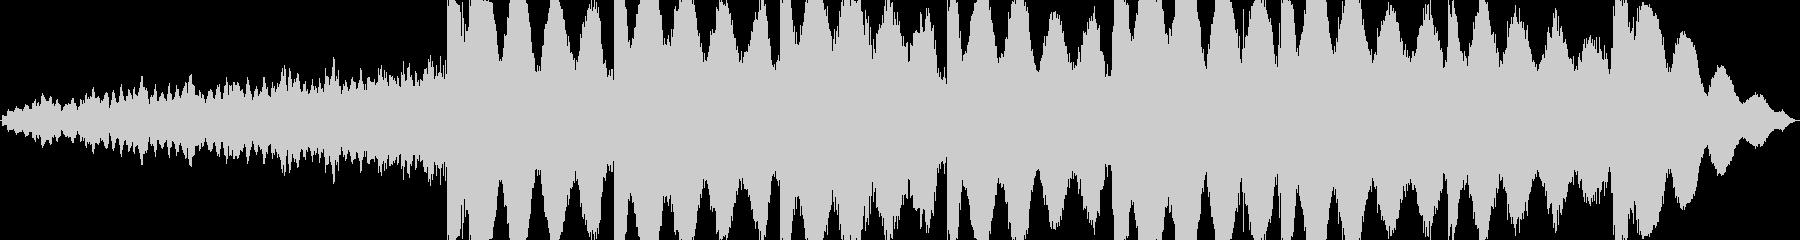 ヨガとマッサージの未再生の波形